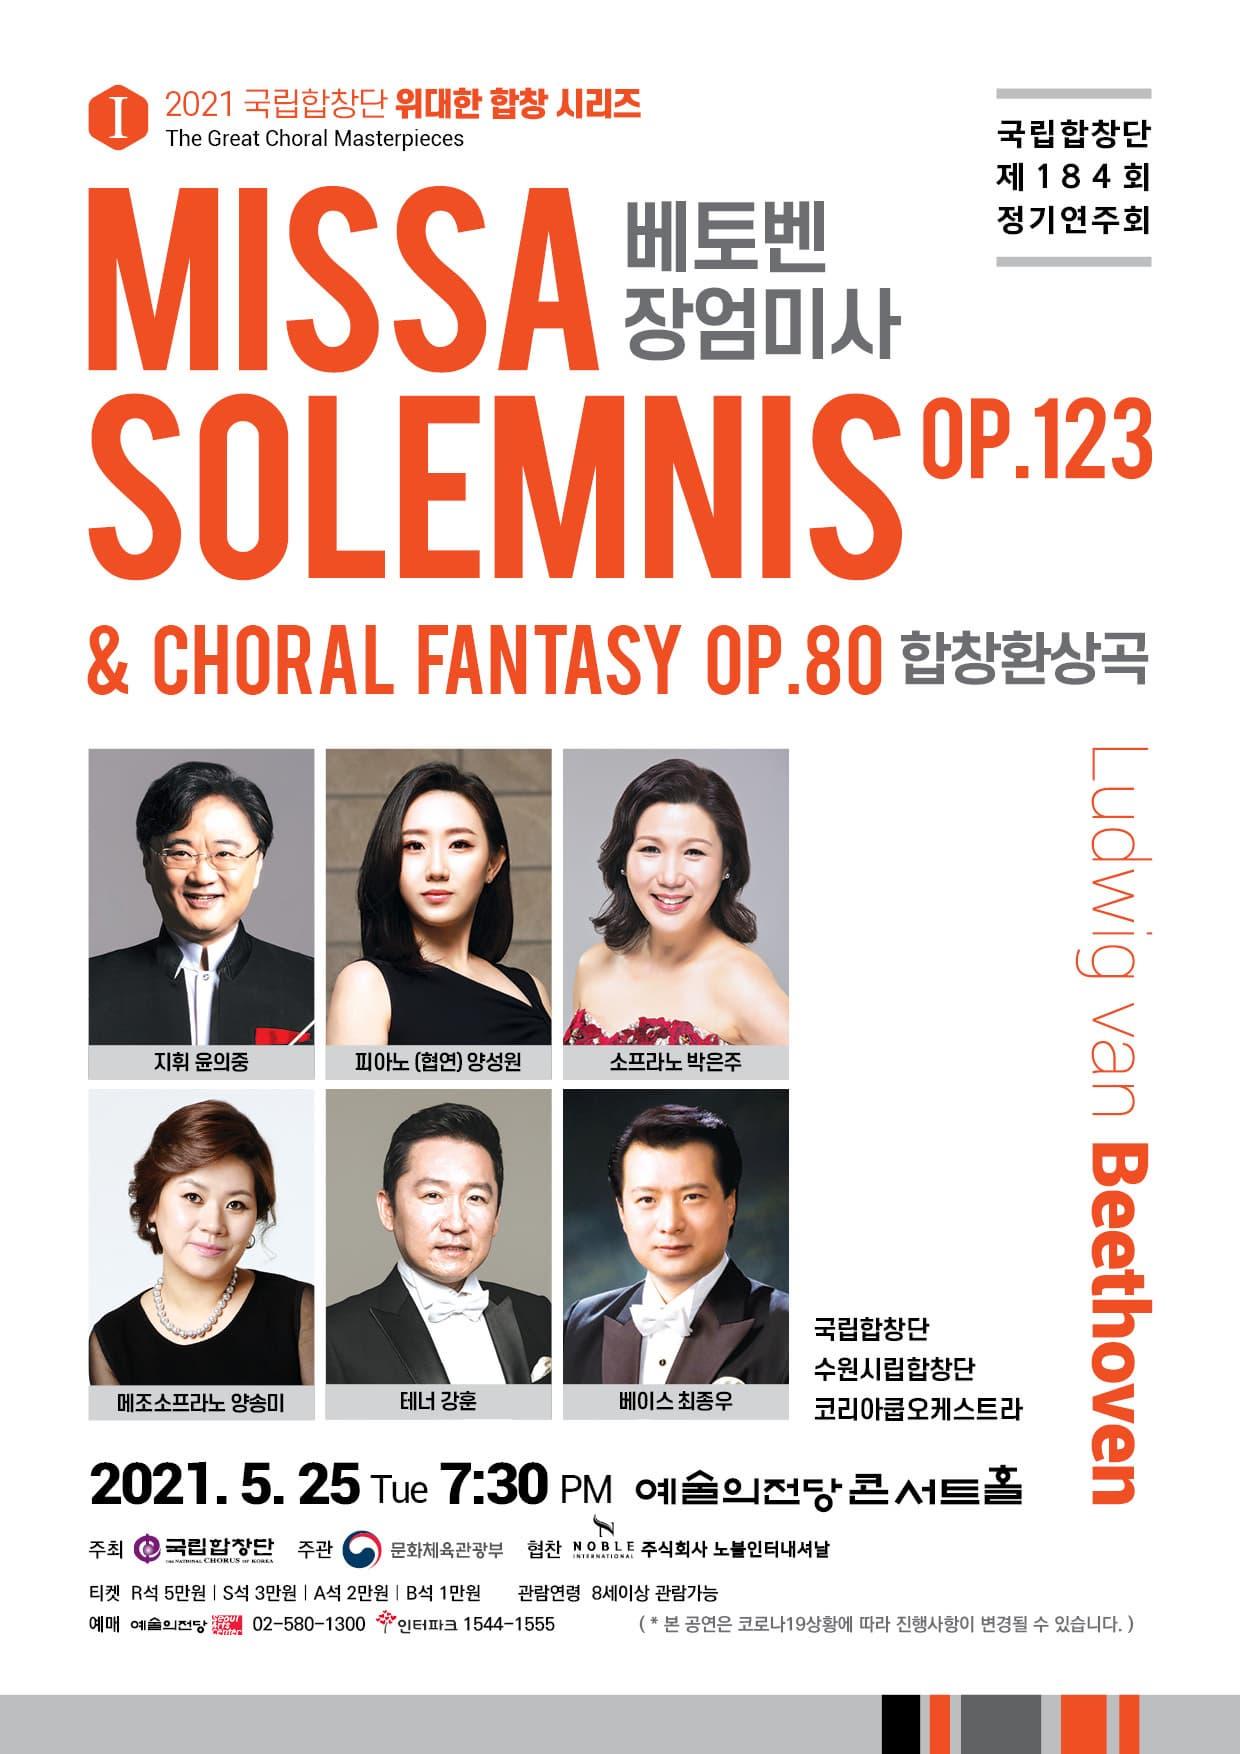 2021 국립합창단 위대한 합창 시리즈Ⅰ - 제184회 정기연주회 <베토벤 장엄미사>